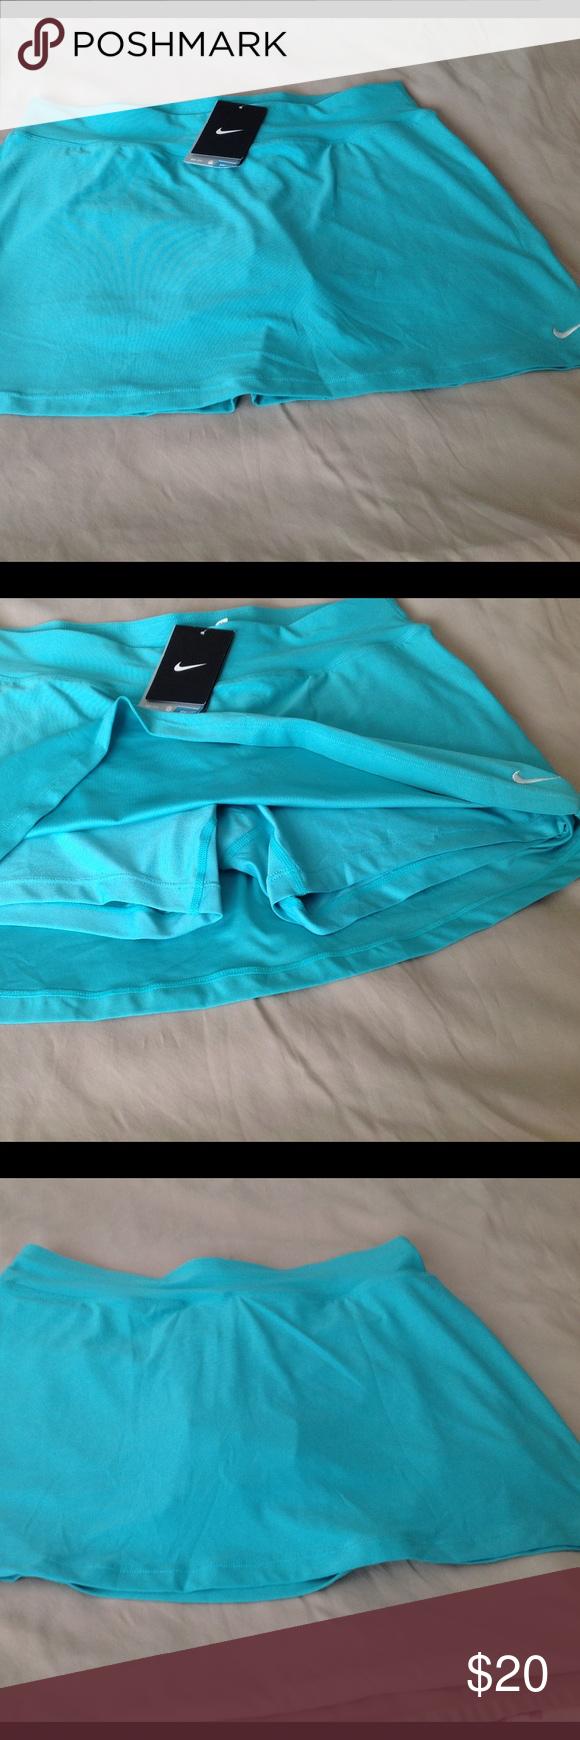 Nice teal colored Nike skorts.   Dri-Fit NWT, LG Dri-Fit  skorts , Nike.  Size large. Nike Shorts Skorts